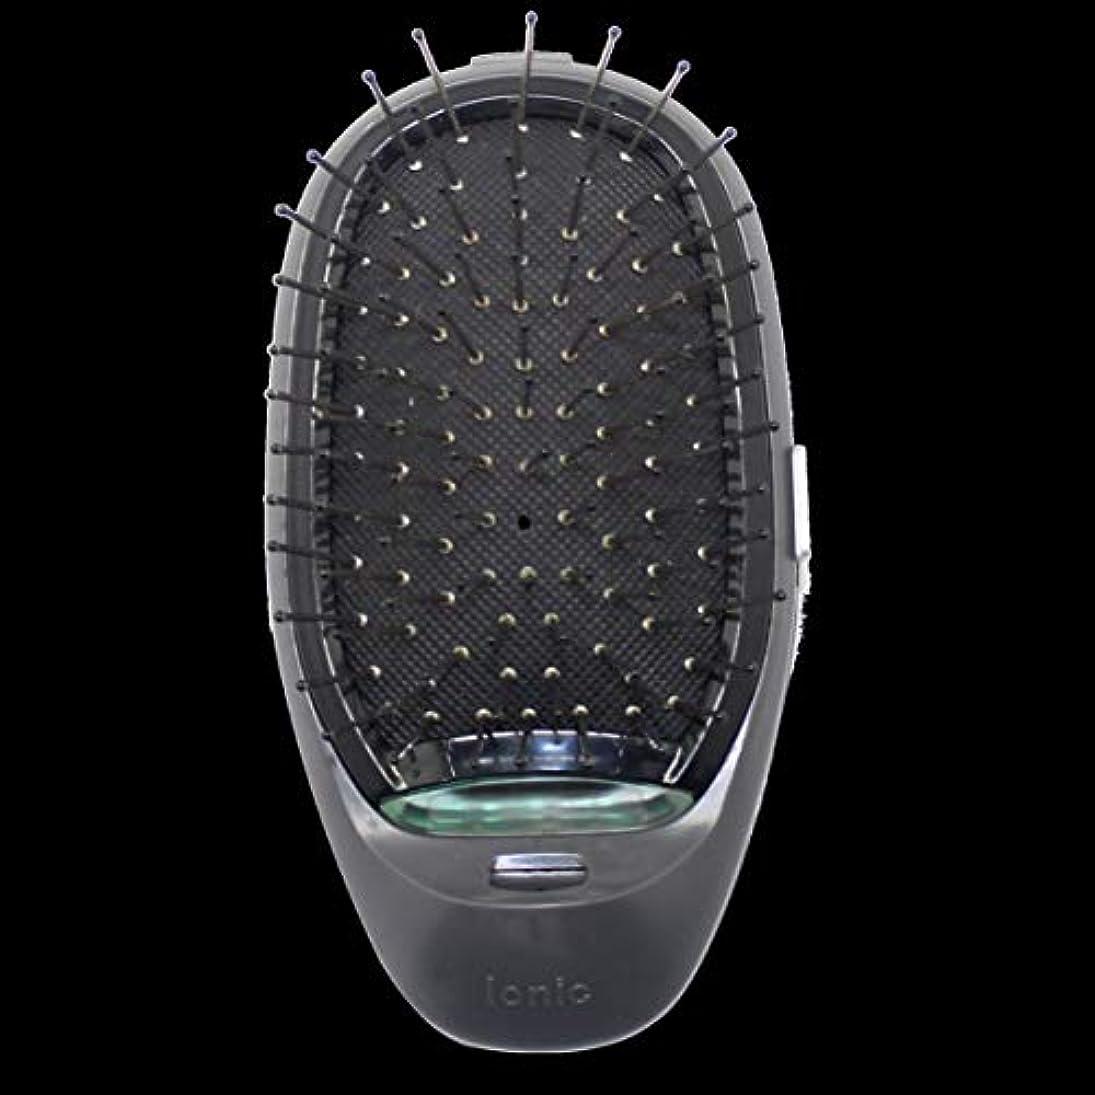 自伝色合いパイプ電動マッサージヘアブラシミニマイナスイオンヘアコム3Dインフレータブルコーム帯電防止ガールズヘアブラシ電池式 - ブラック